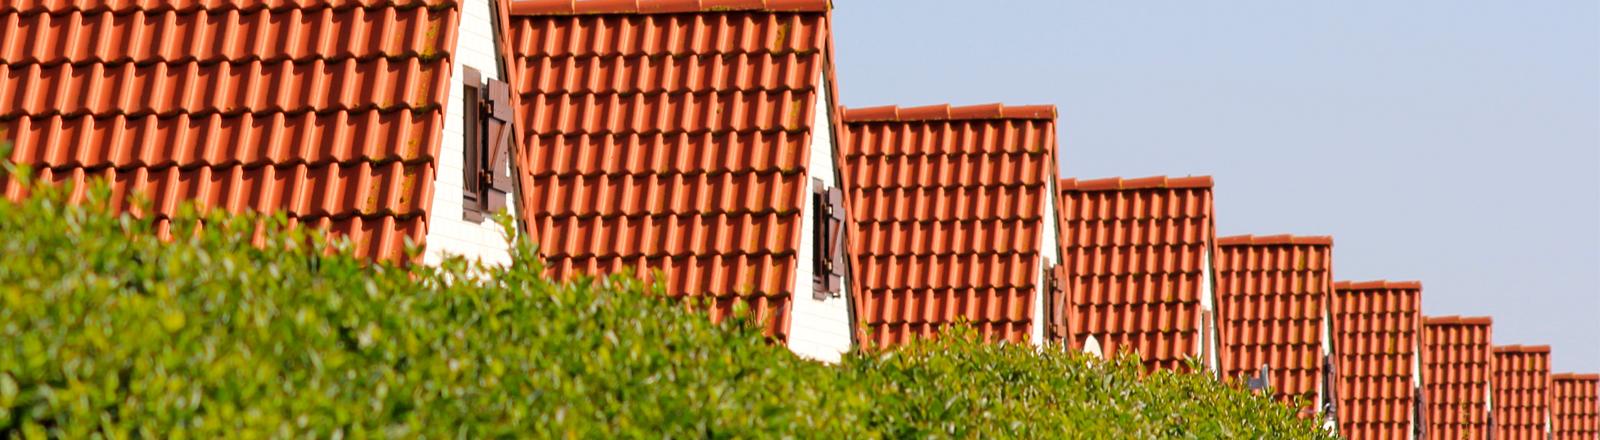 Die Dächer einer Reihenhaussiedlung hinter einer grünen Hecke